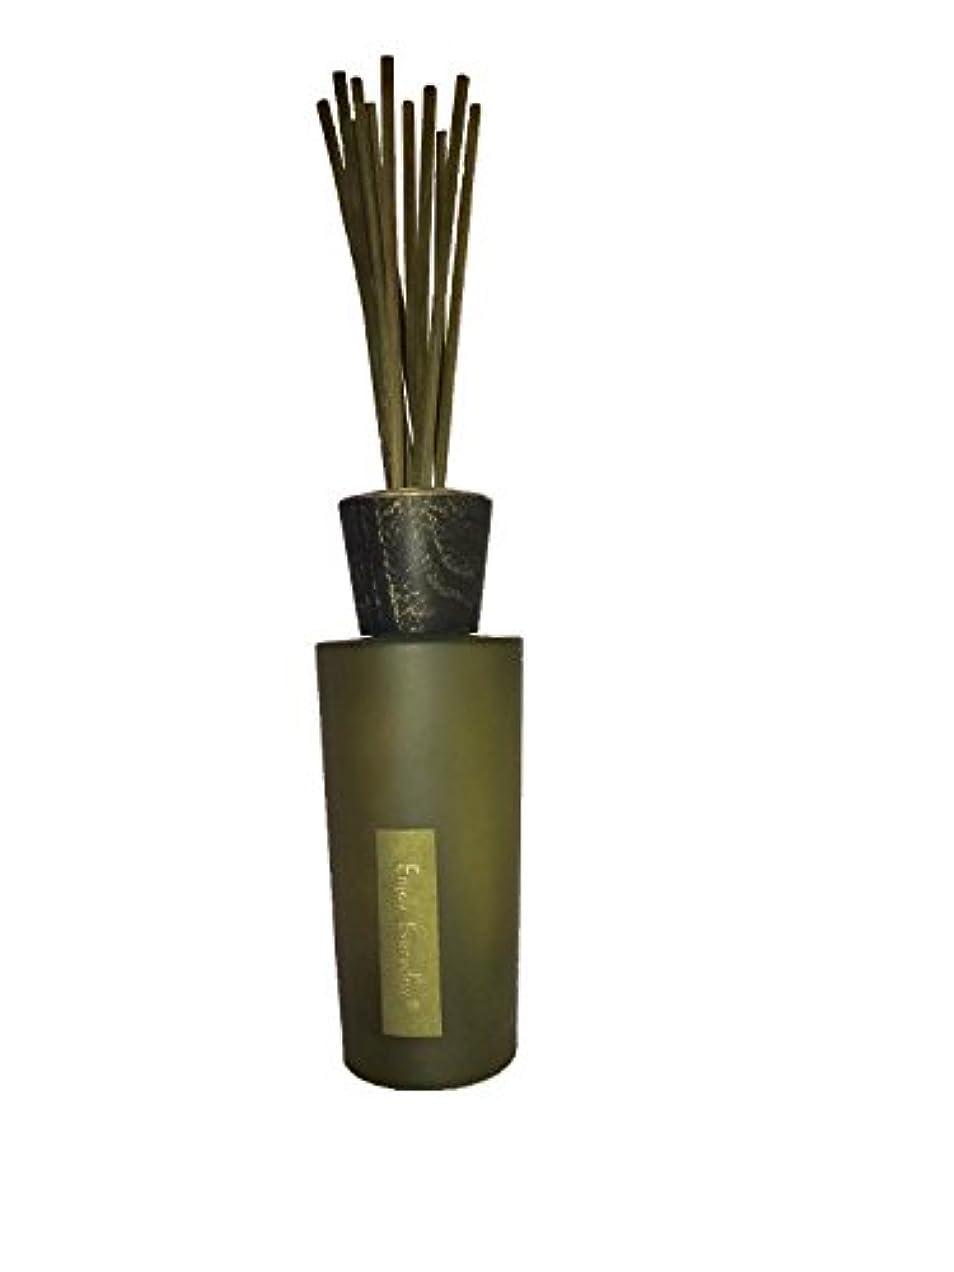 旧正月安定したオーケストラ40%OFF!【Branch of Aroma】100%天然アロマスティックディフューザー-9種の香り- (200ml) (ラグジュアリーRose)